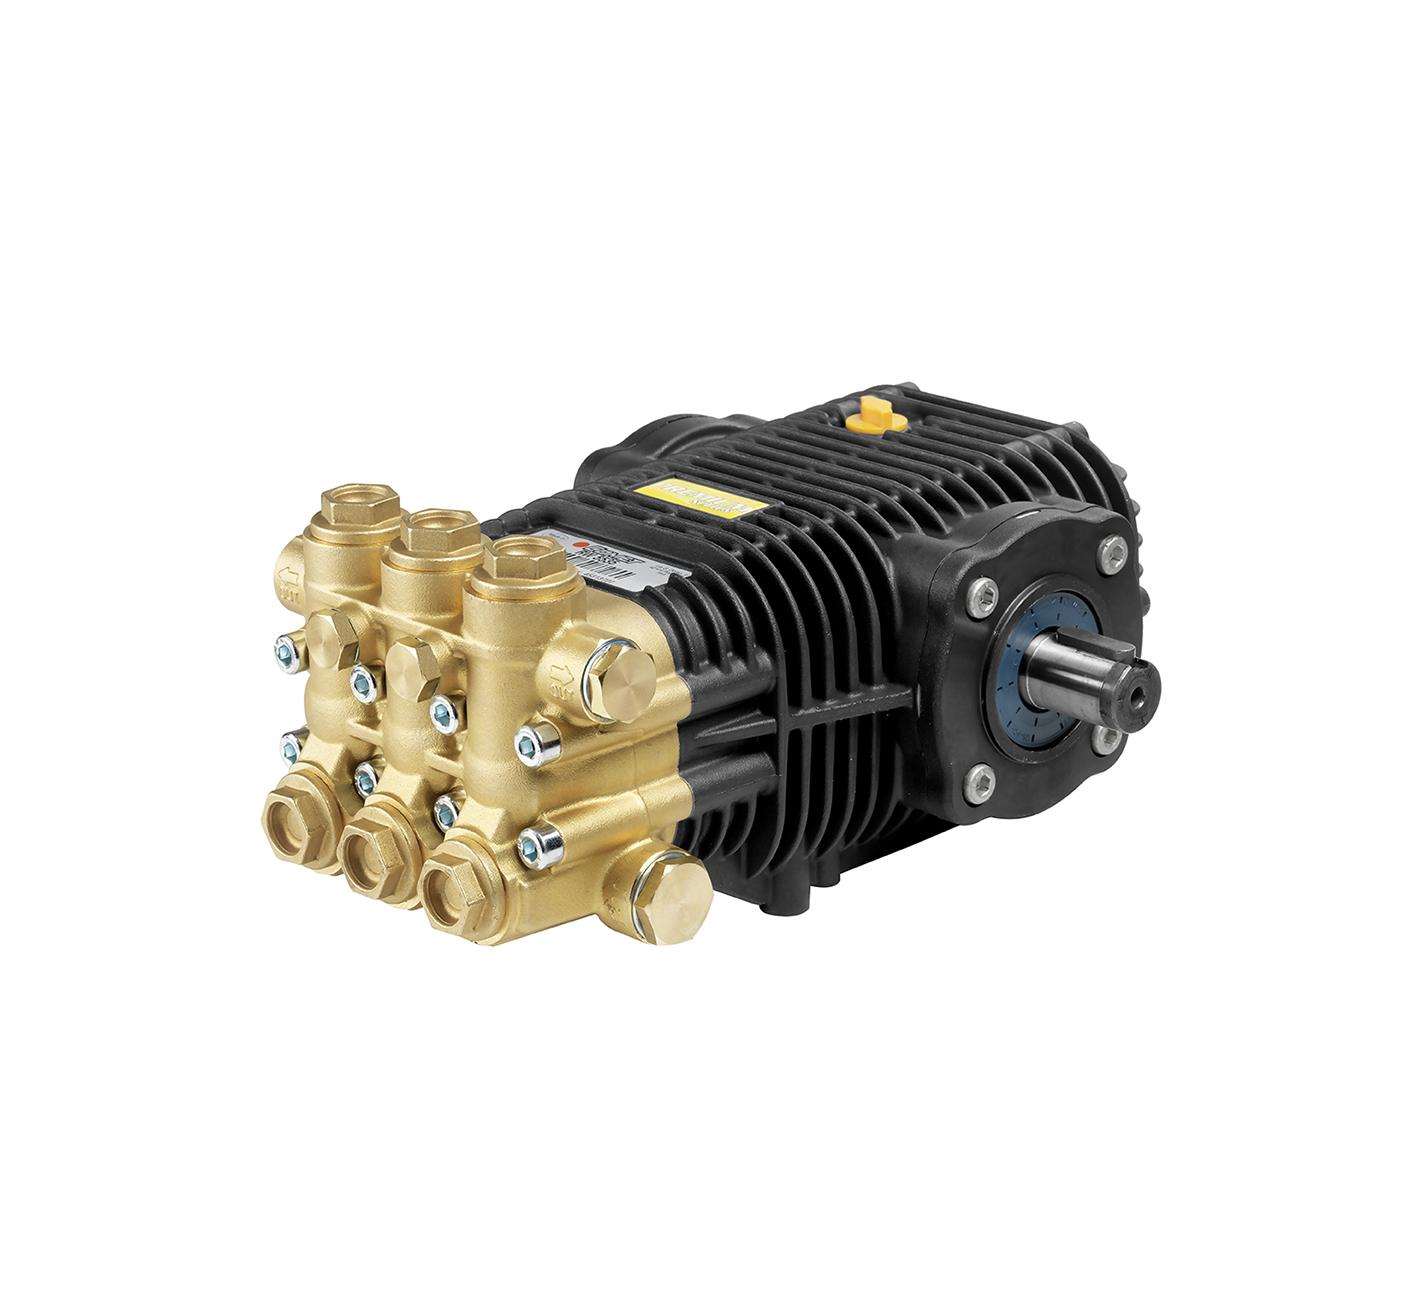 RW - S 24 mm Comet Industrial Pumps